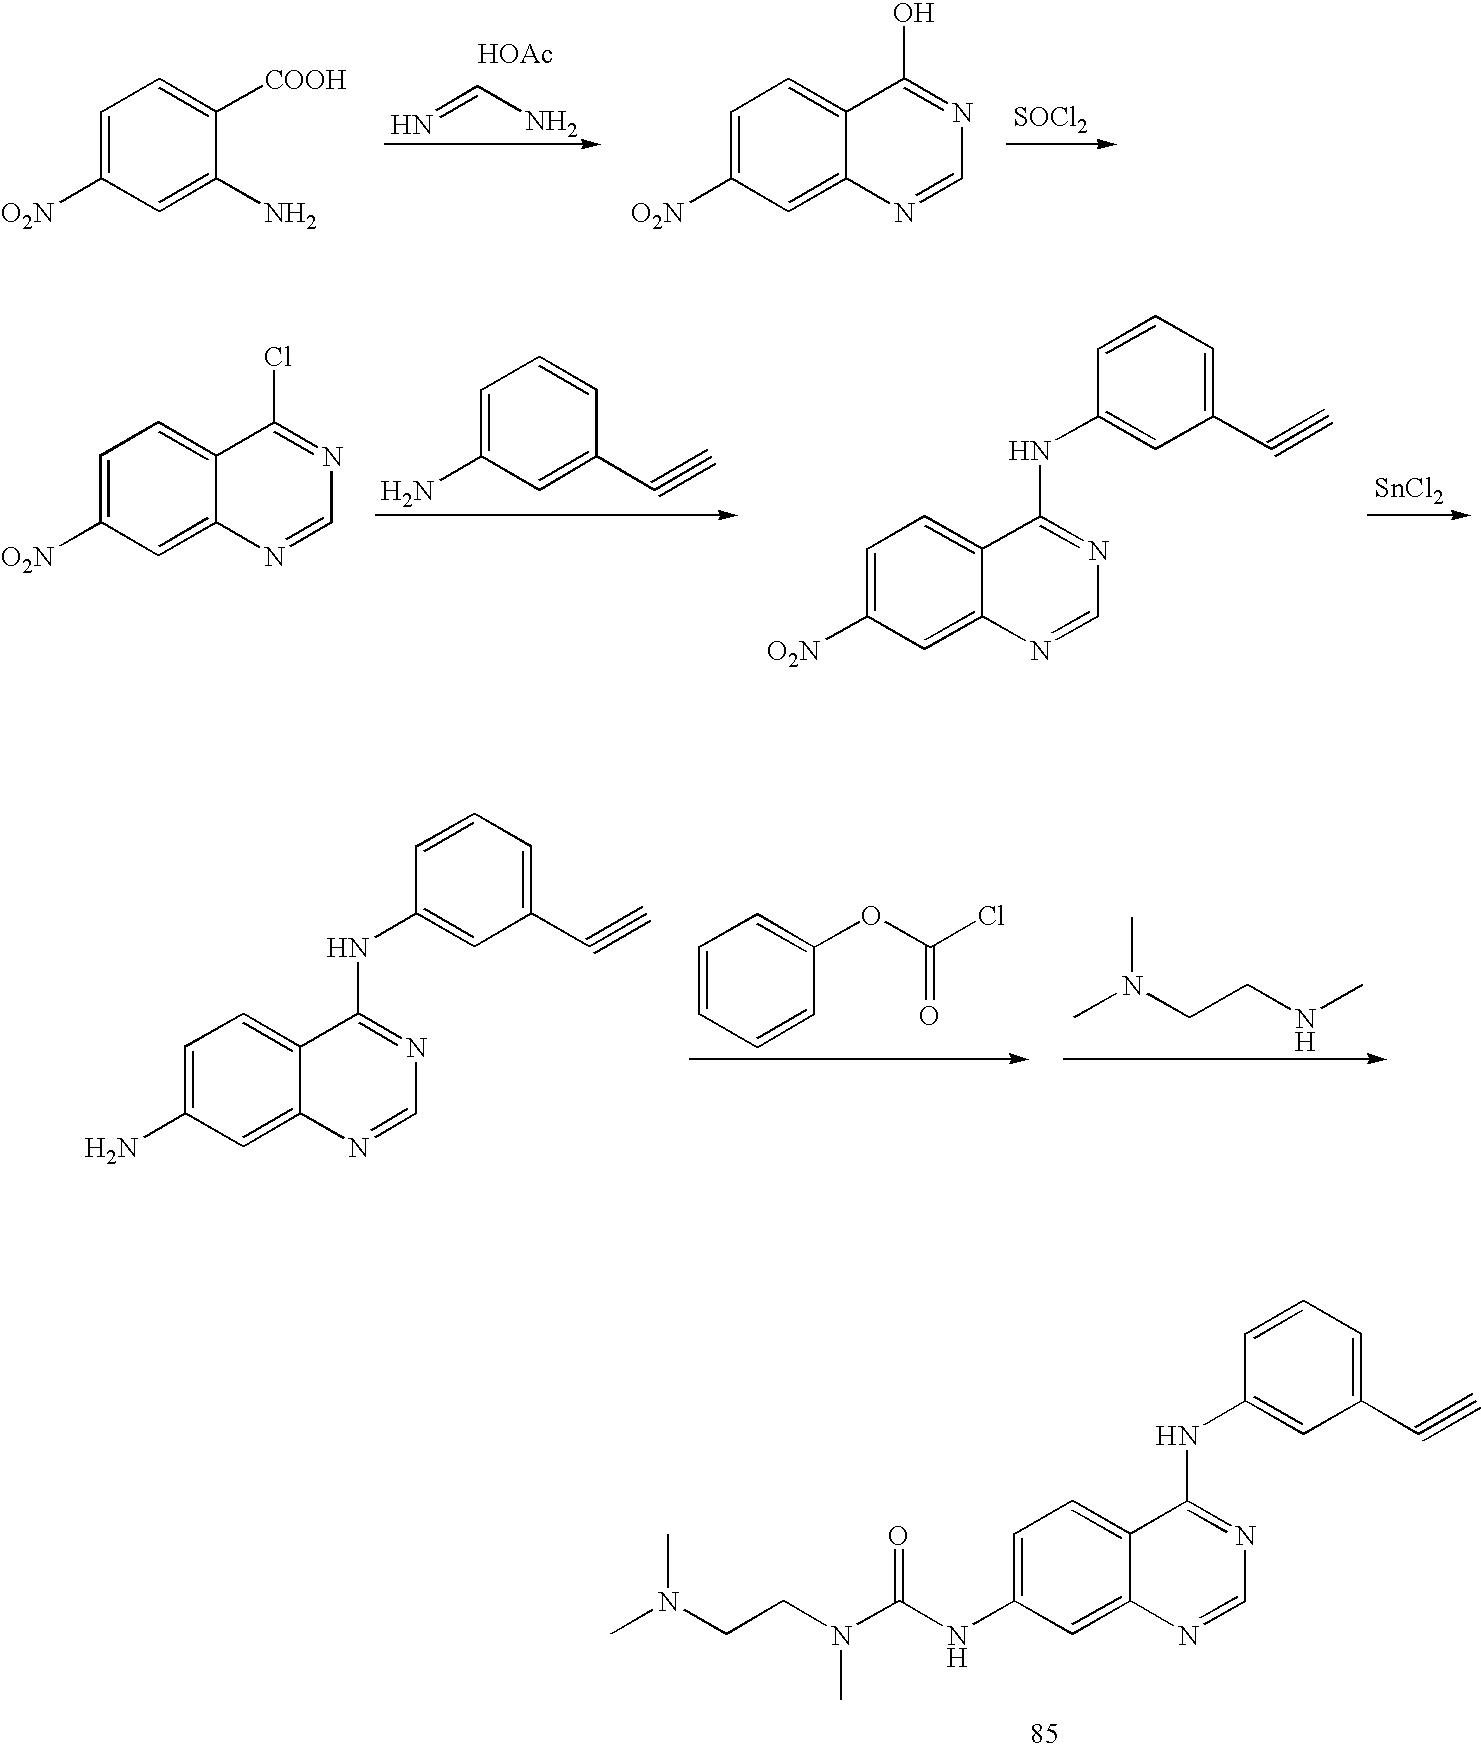 Figure US08426430-20130423-C00042